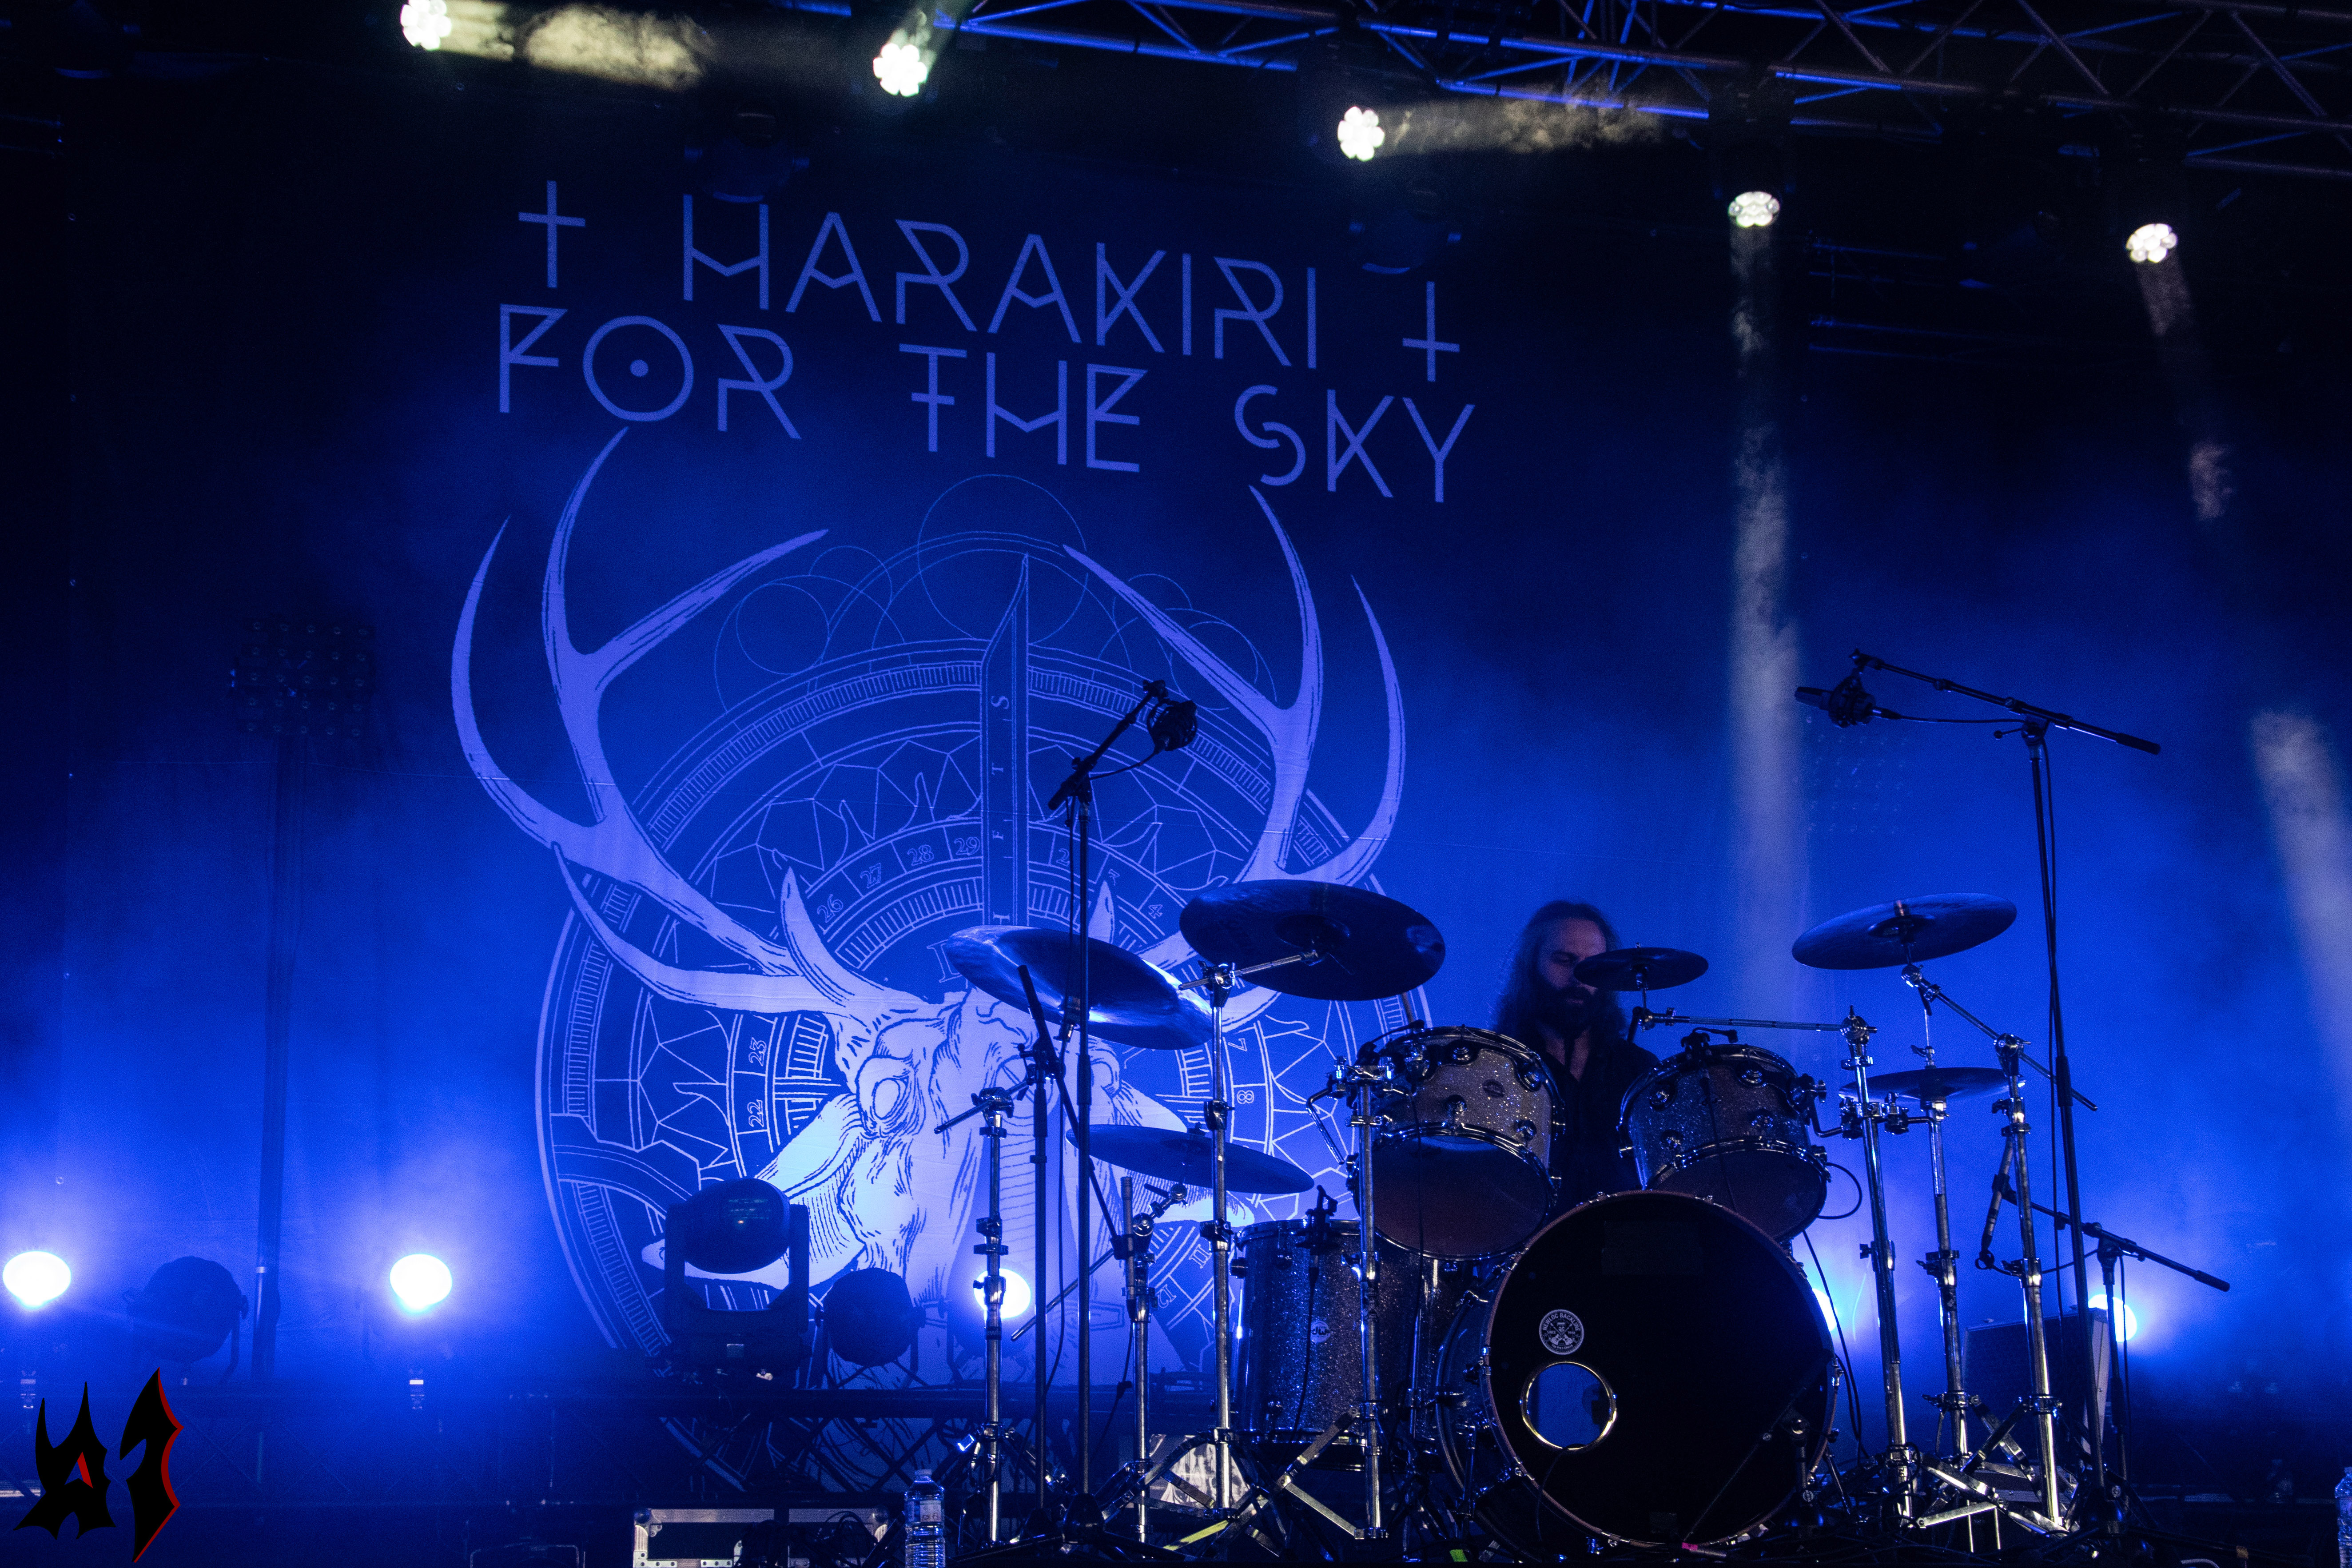 Motocultor - Harakiri For The Sky - 37